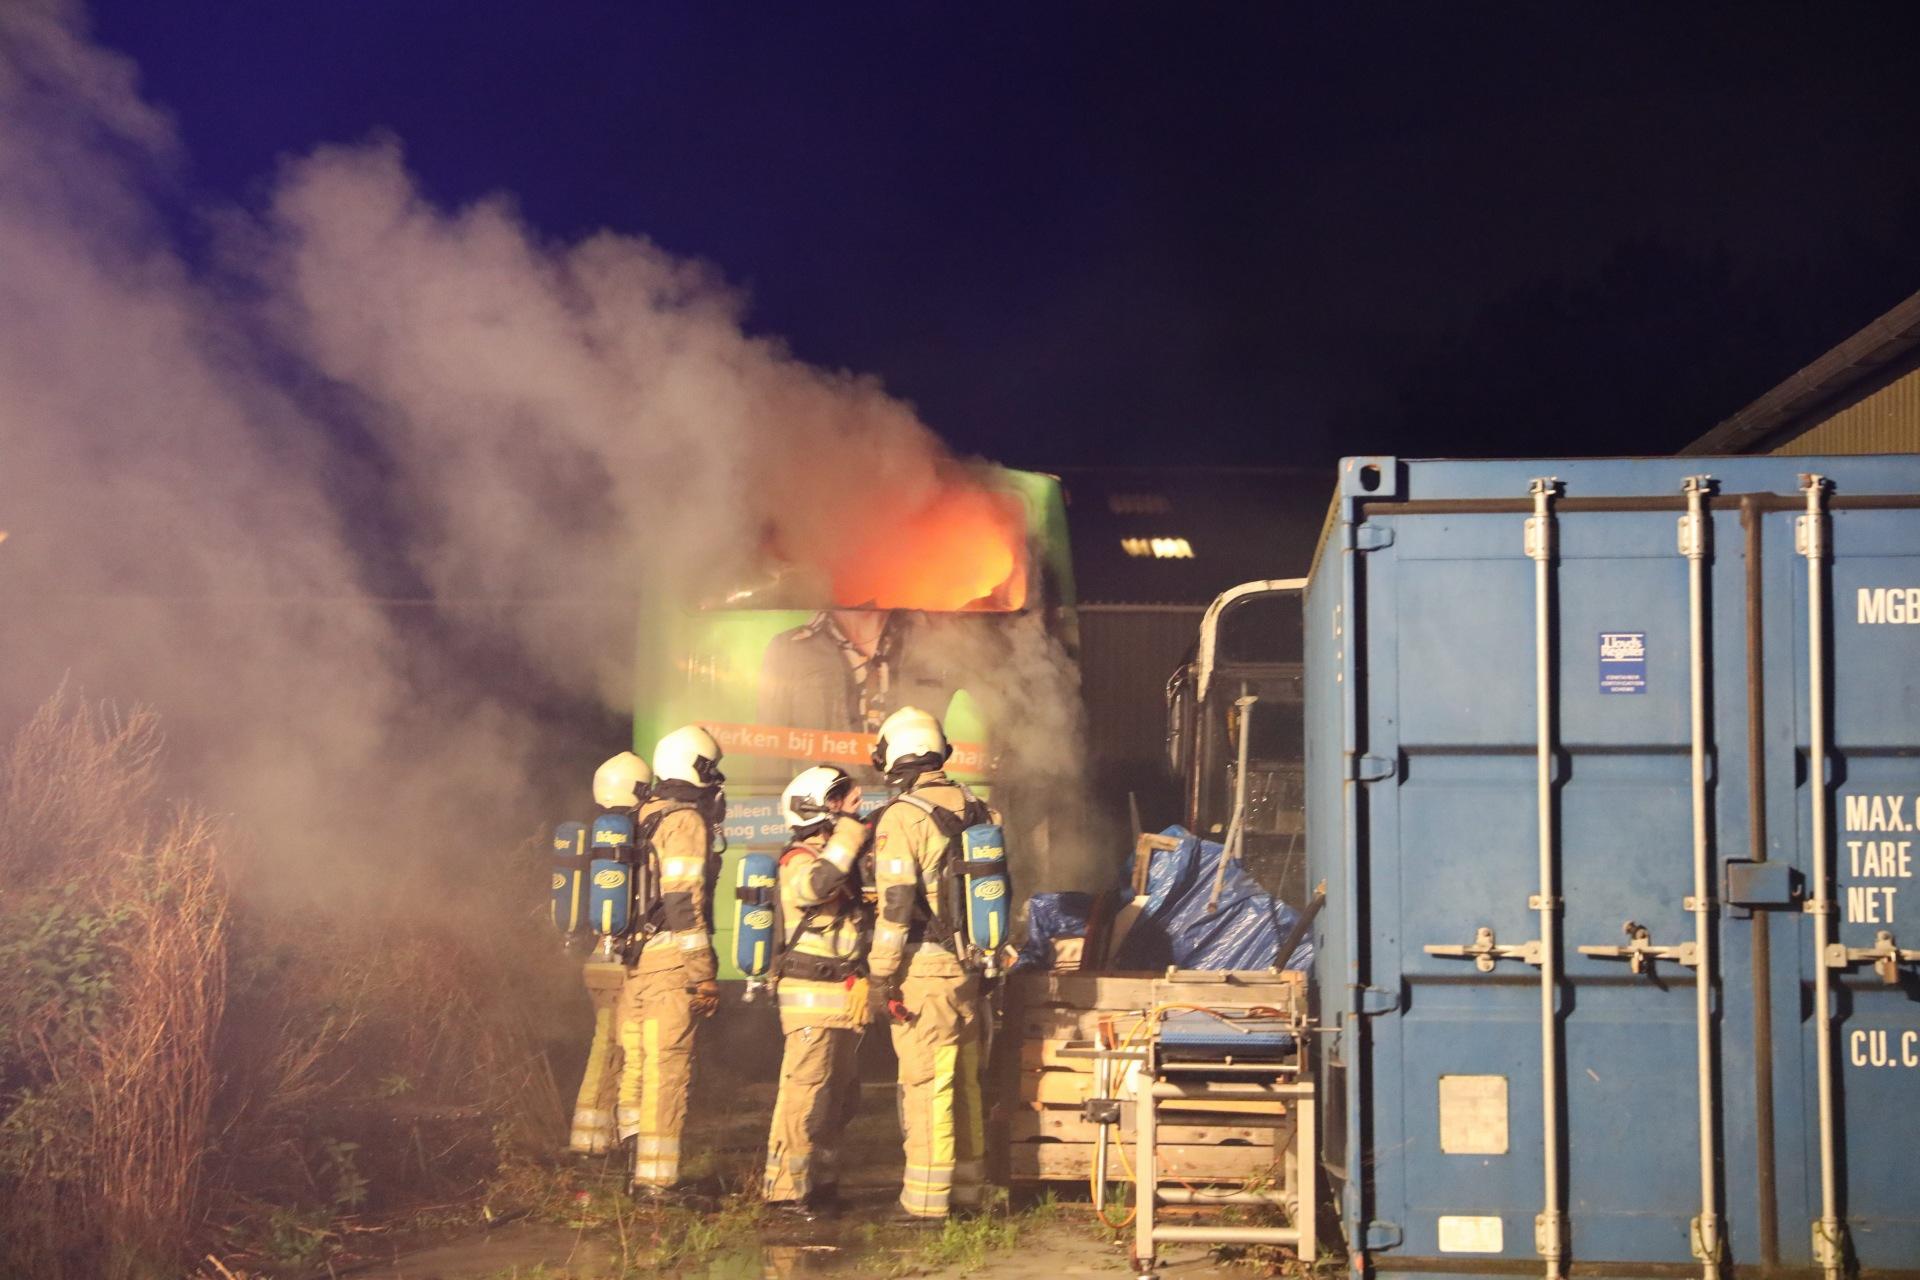 Tot camper omgebouwde touringcar vat vlam in Eemdijk